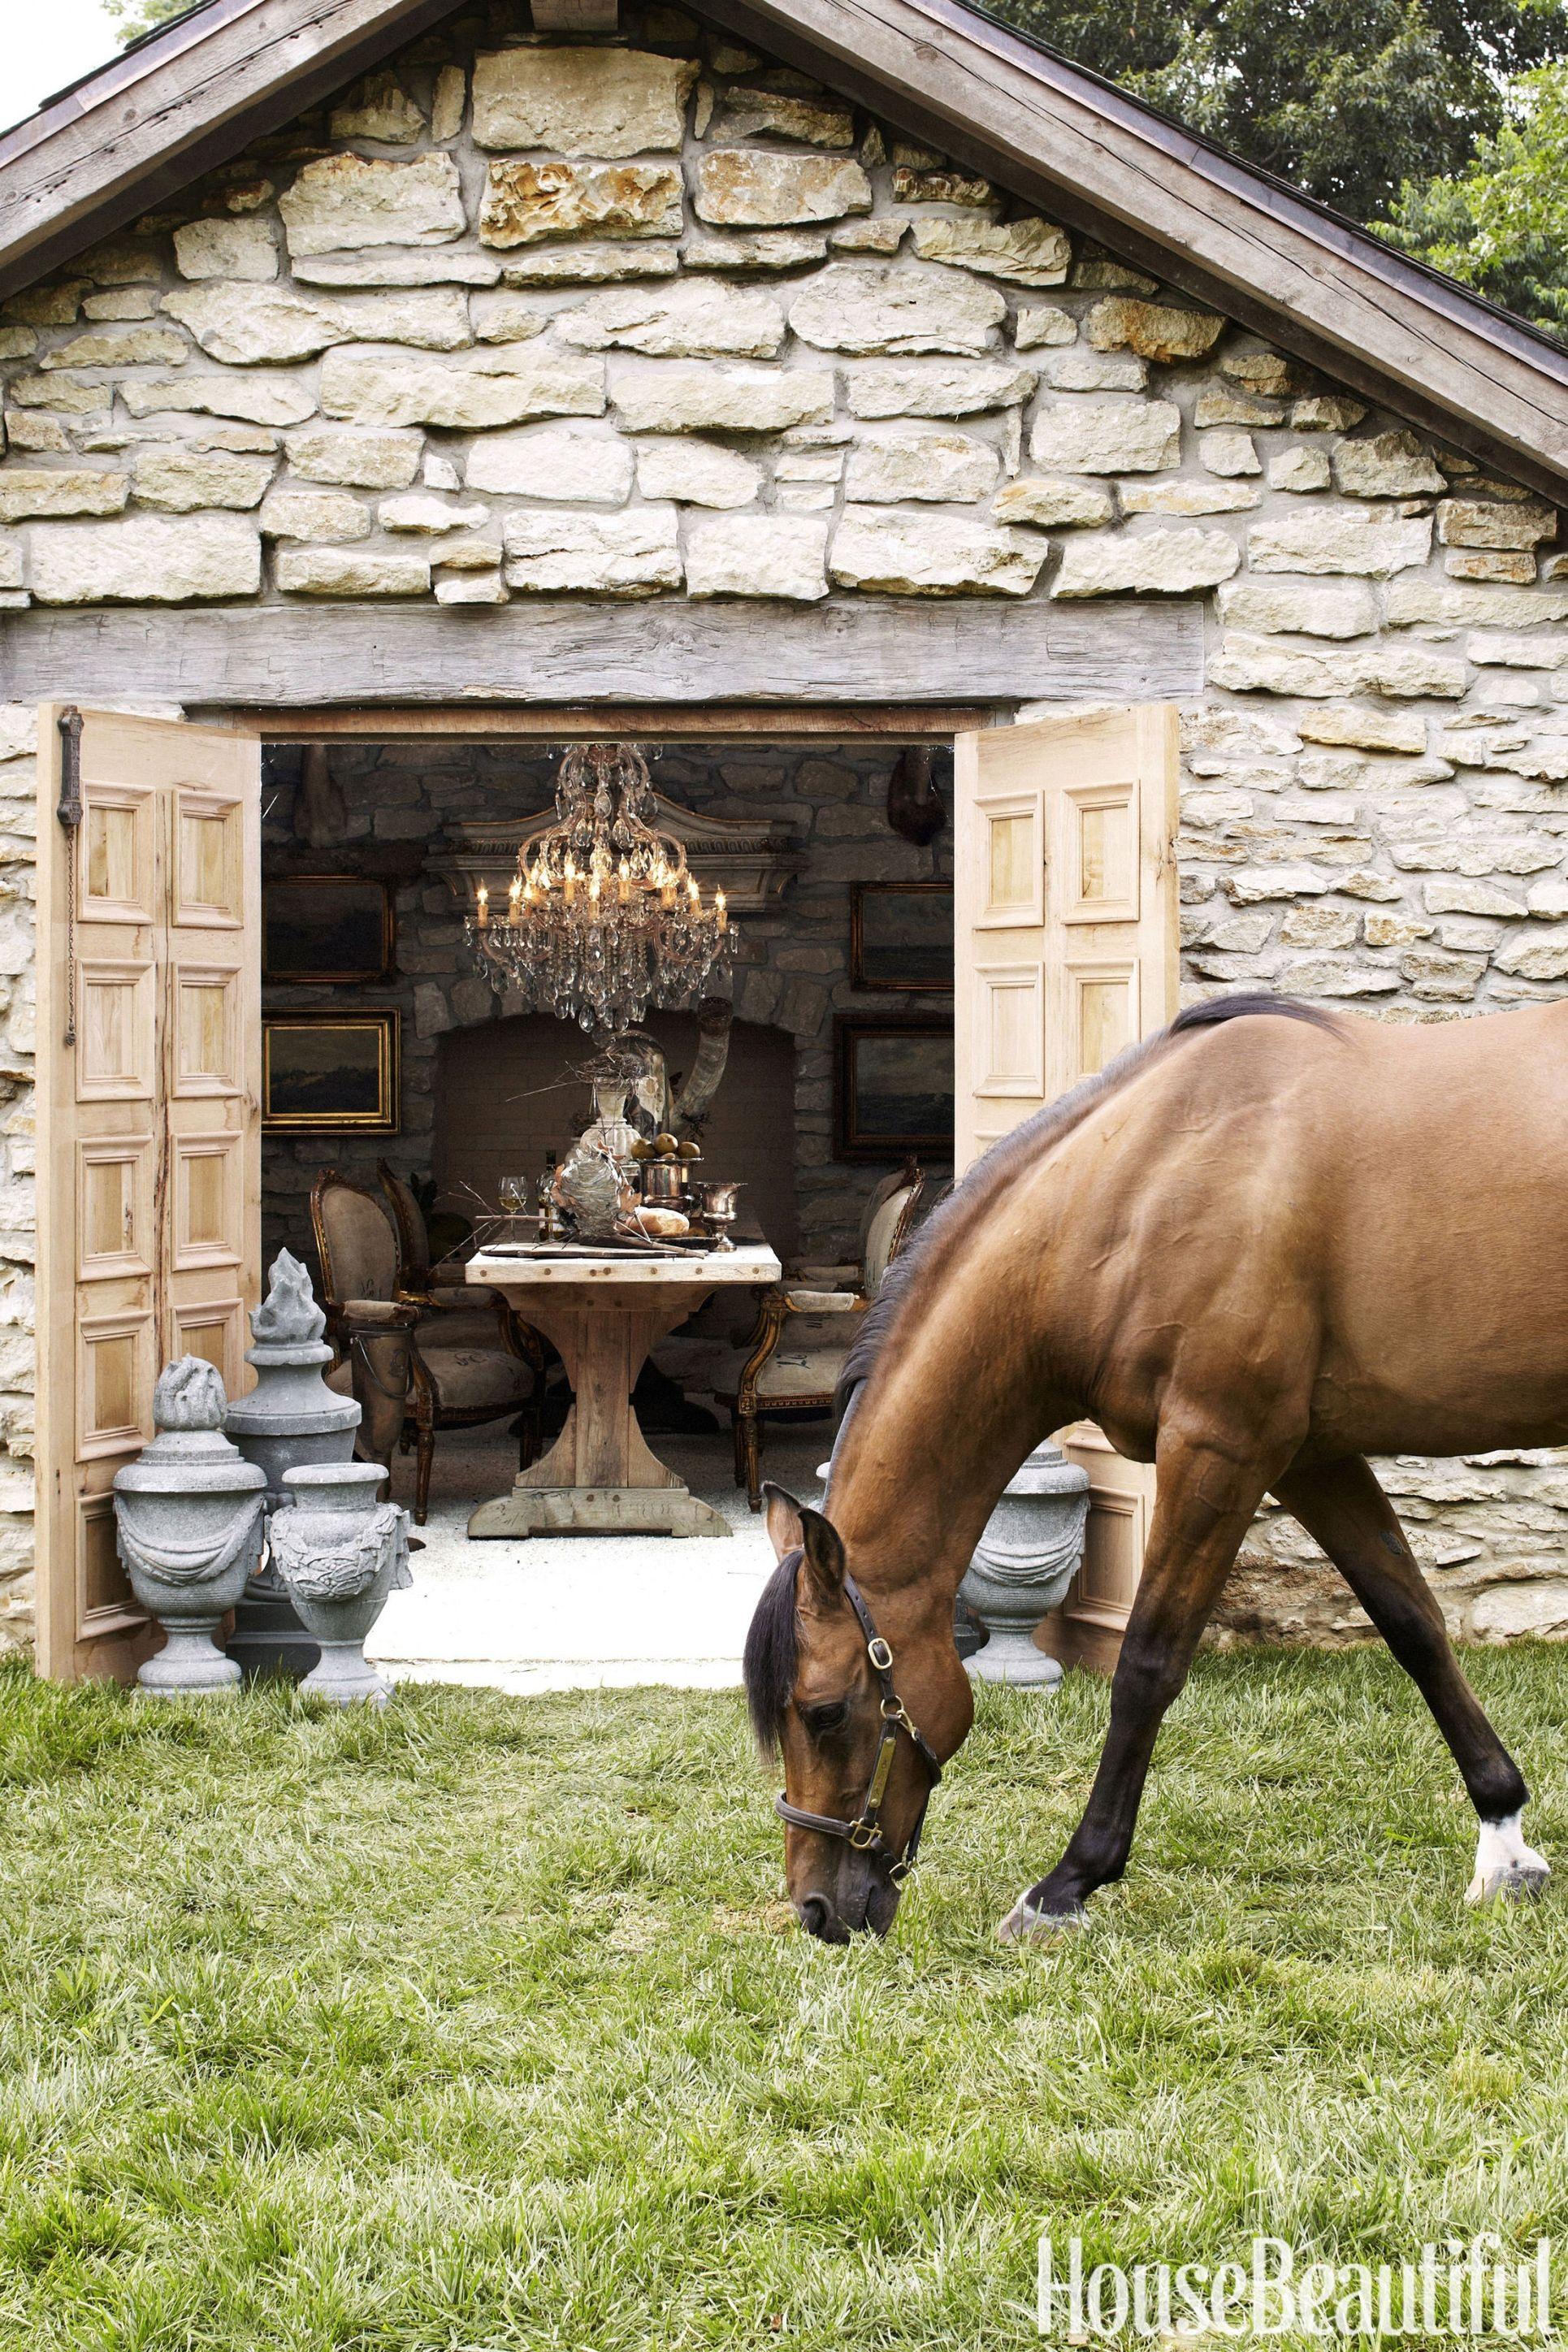 gallery-annie-brahler-smith-horse-exterior-0617-1.jpg